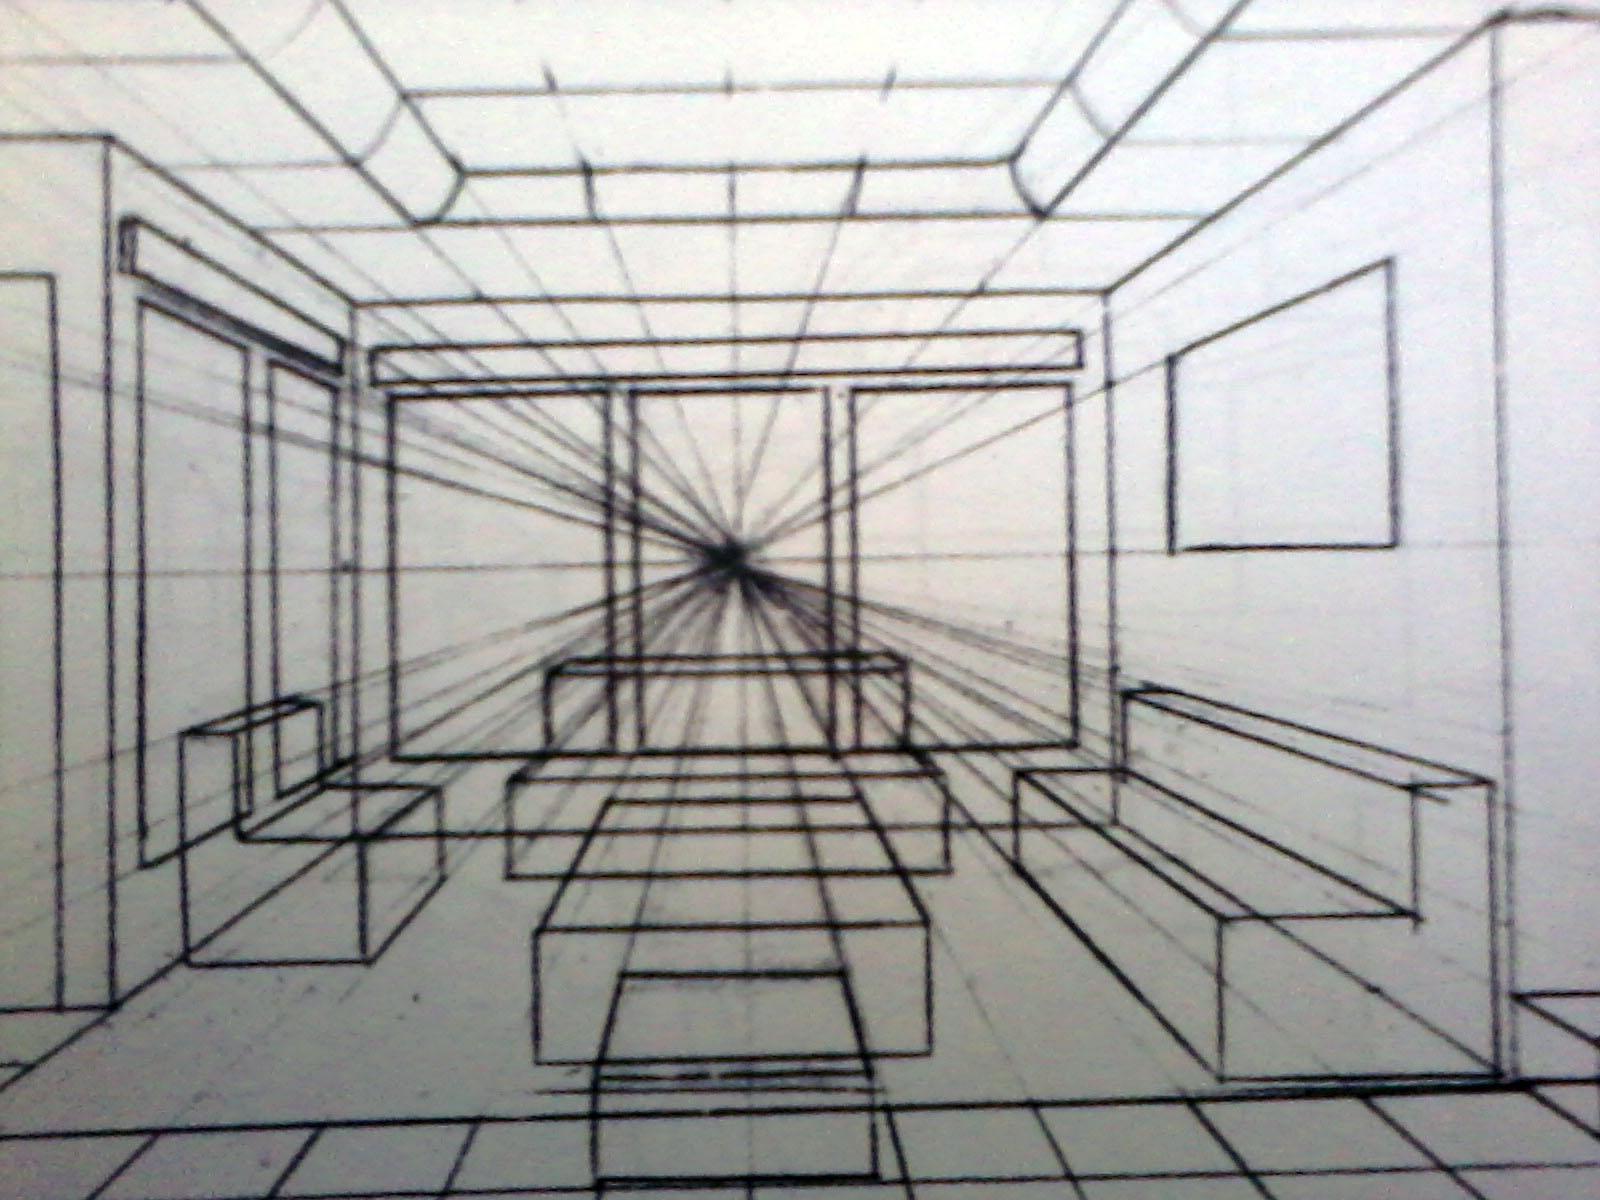 Perspektif Satu Titik Hilang Dunia Seni